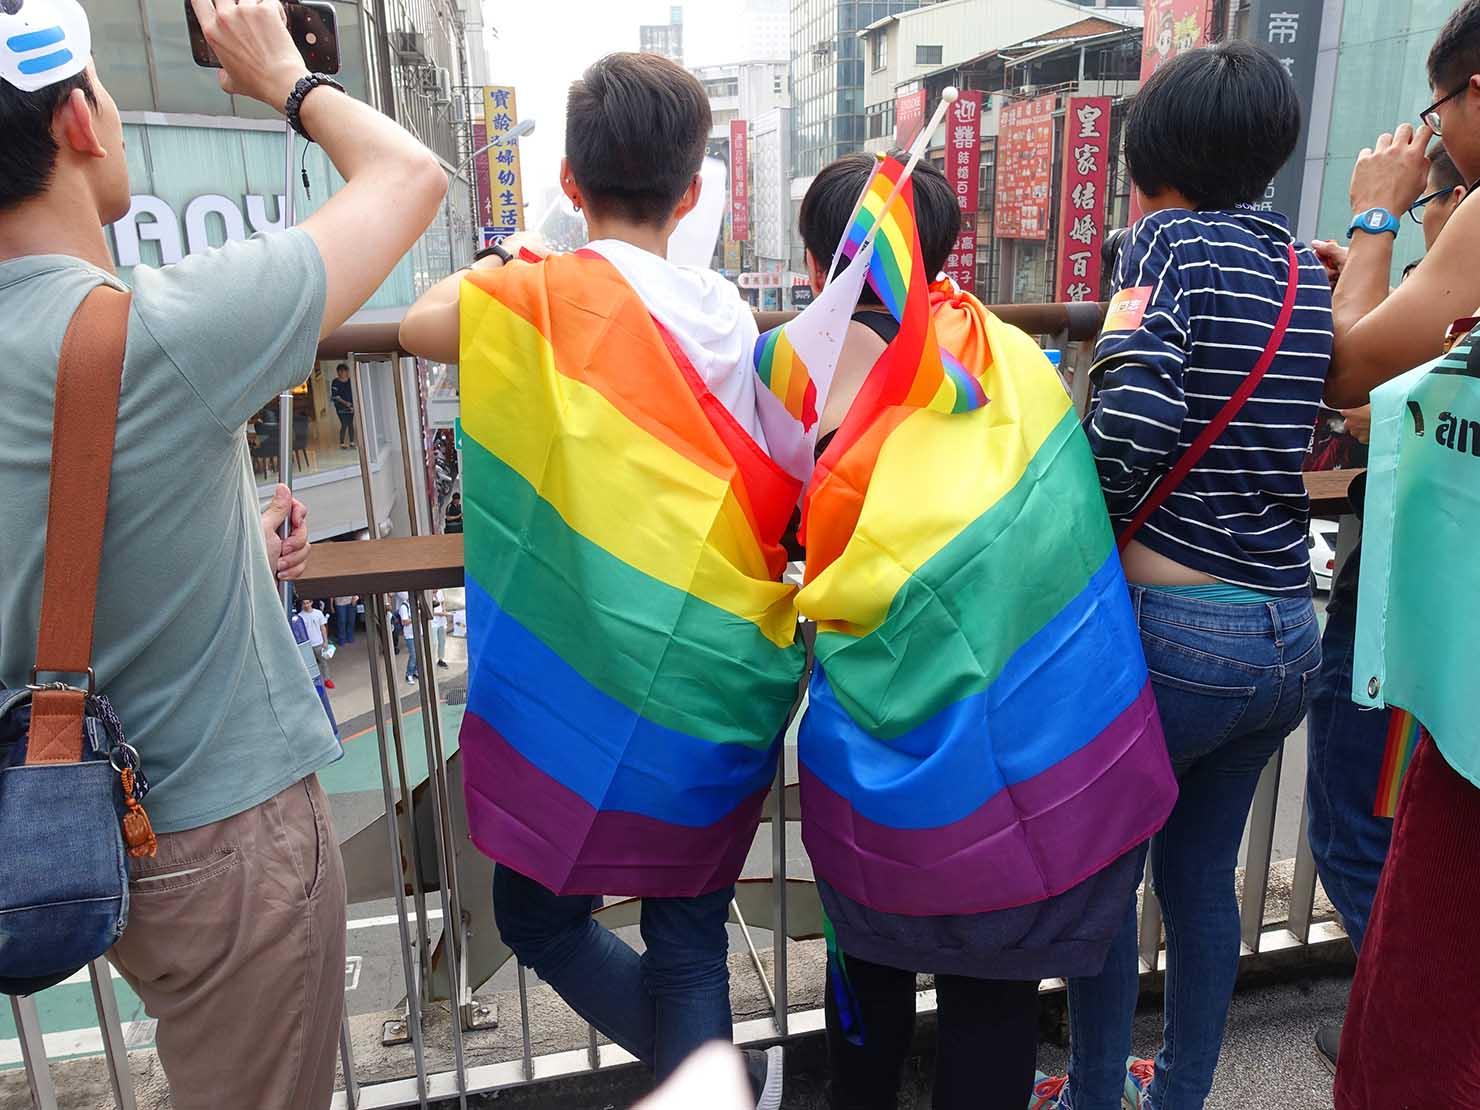 台中同志遊行(台中LGBTプライド)2018のパレードを眺めるレインボーフラッグを纏った参加者